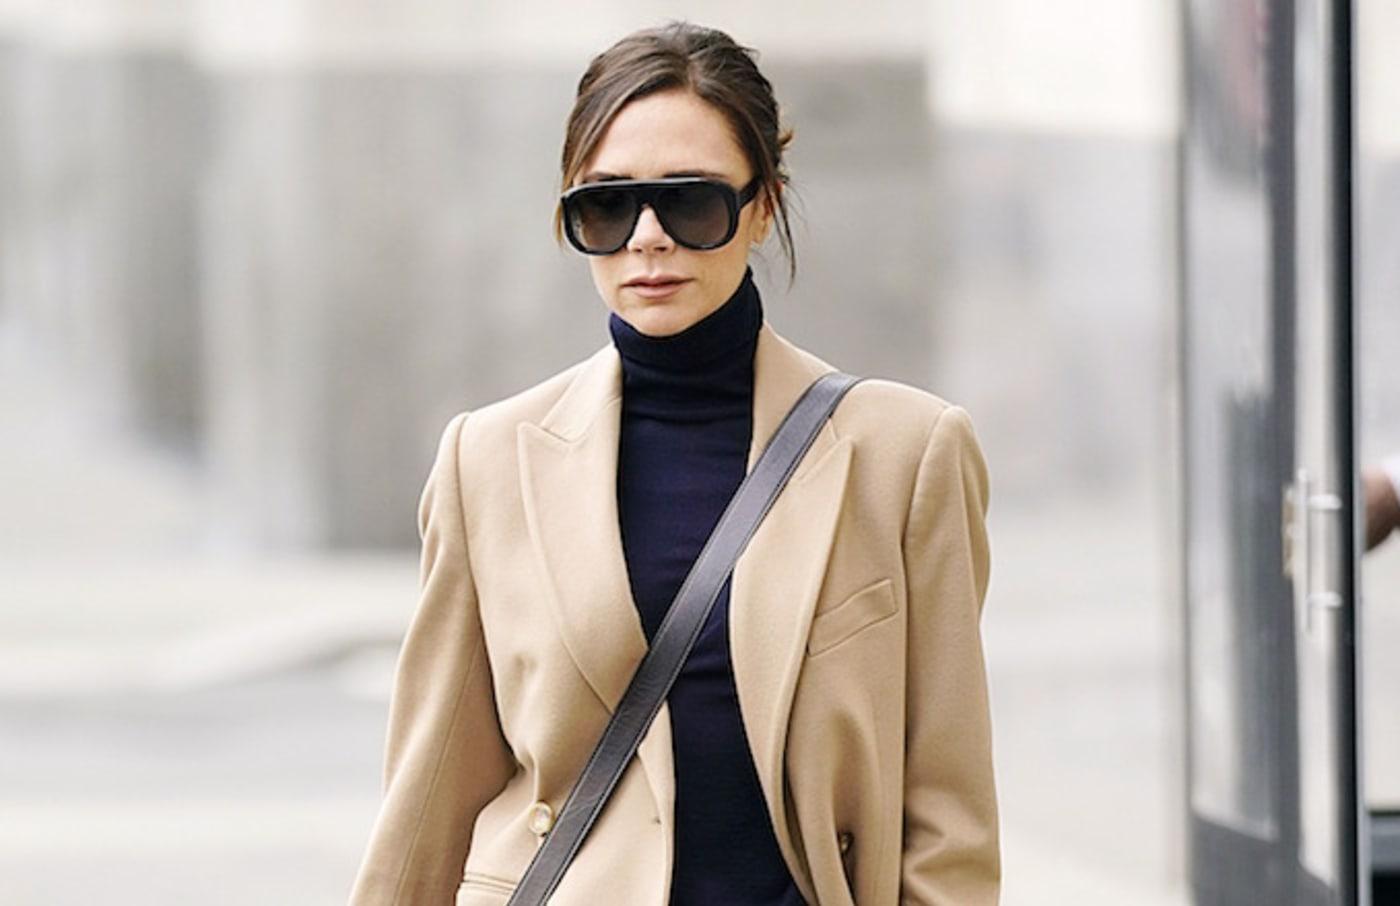 Victoria Beckham in New York City.